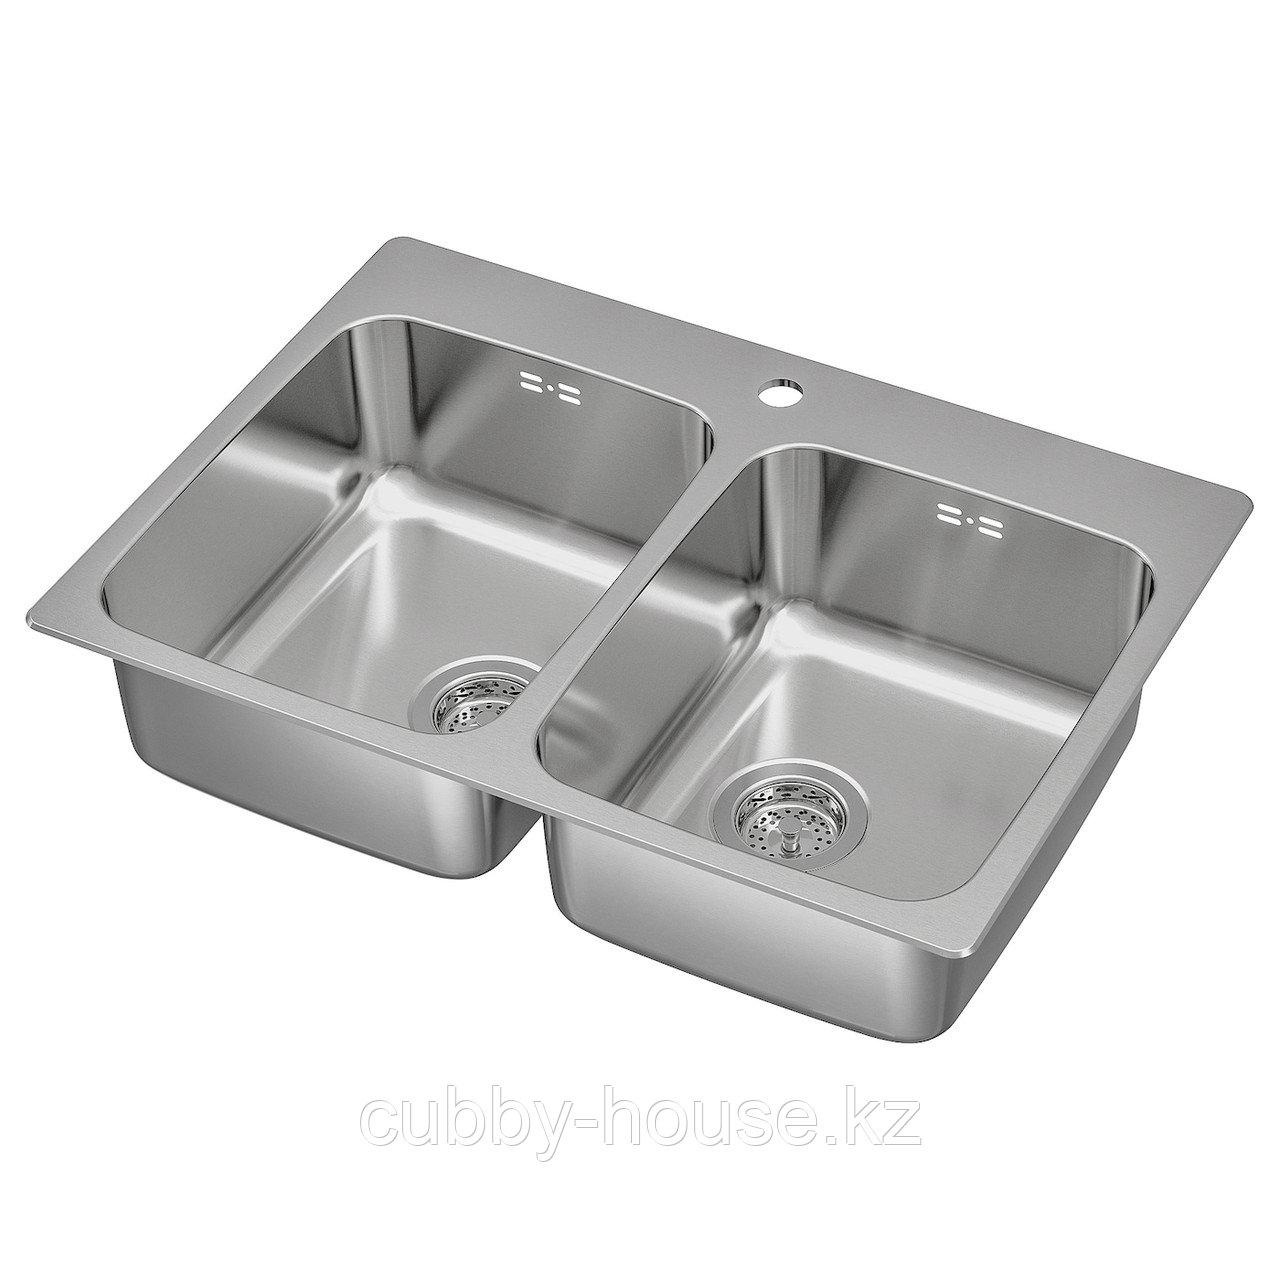 ЛОНГУДДЕН Двойная врезная мойка, нержавеющ сталь, 75x53 см